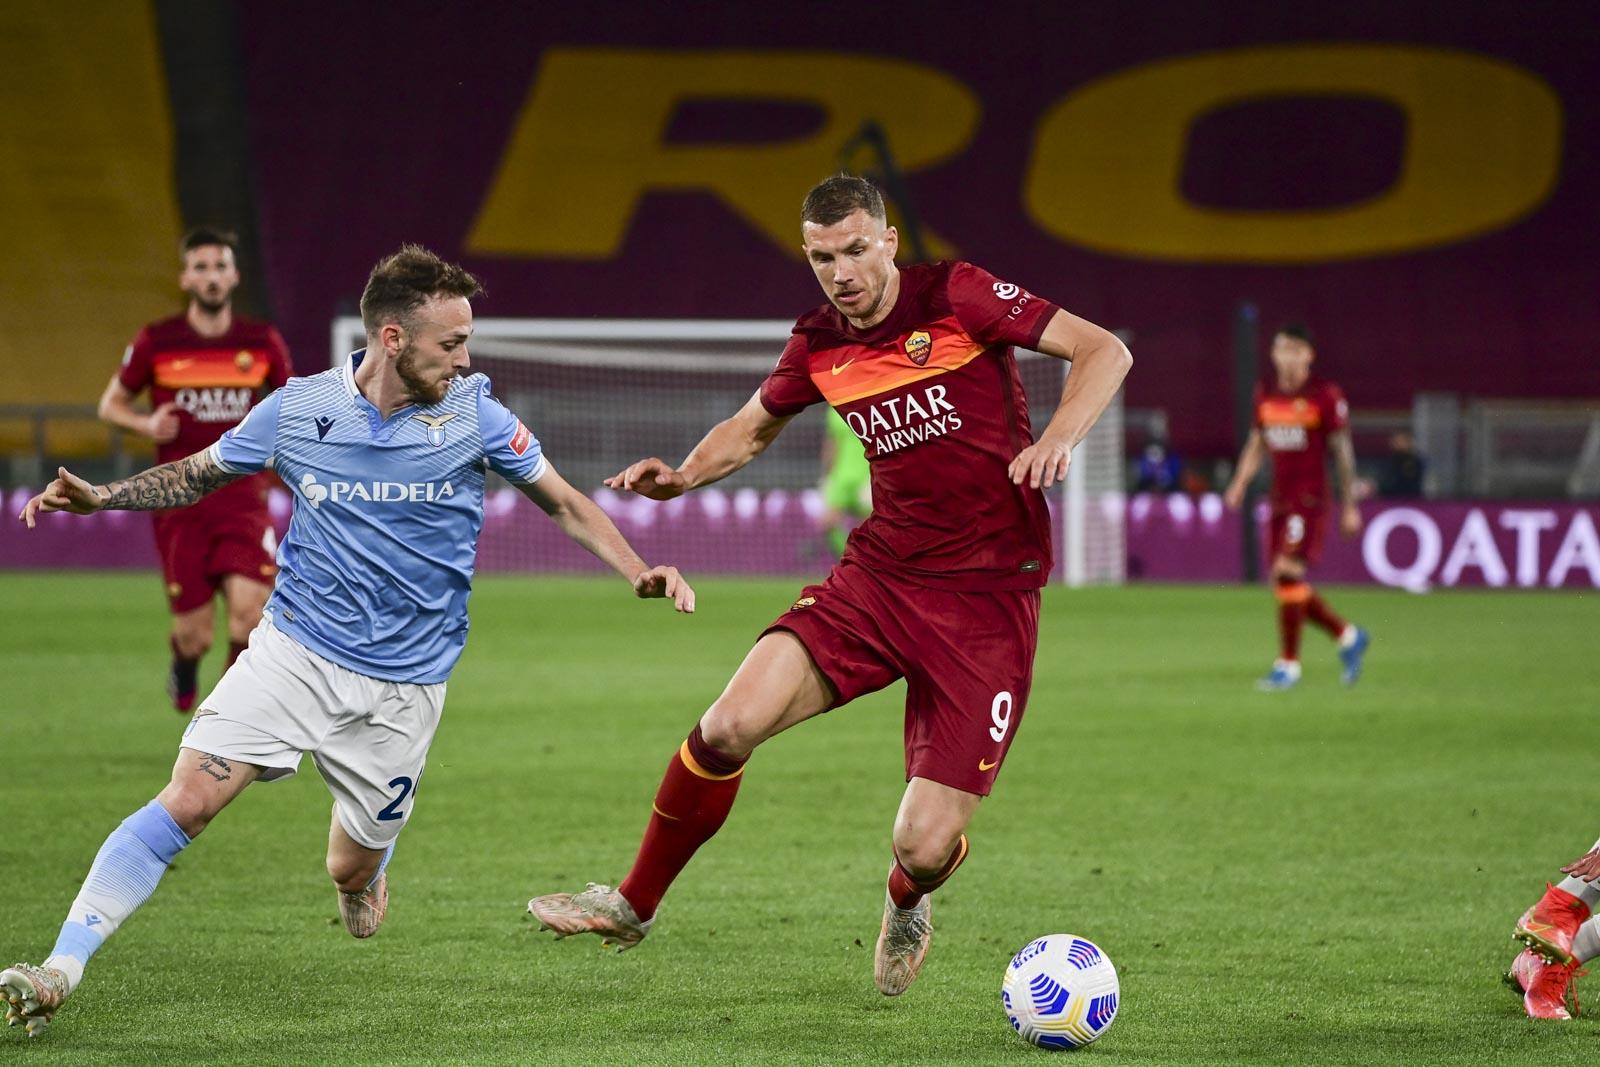 Roma Lazio 2 0, derby ai giallorossi: Tabellino e Highlights